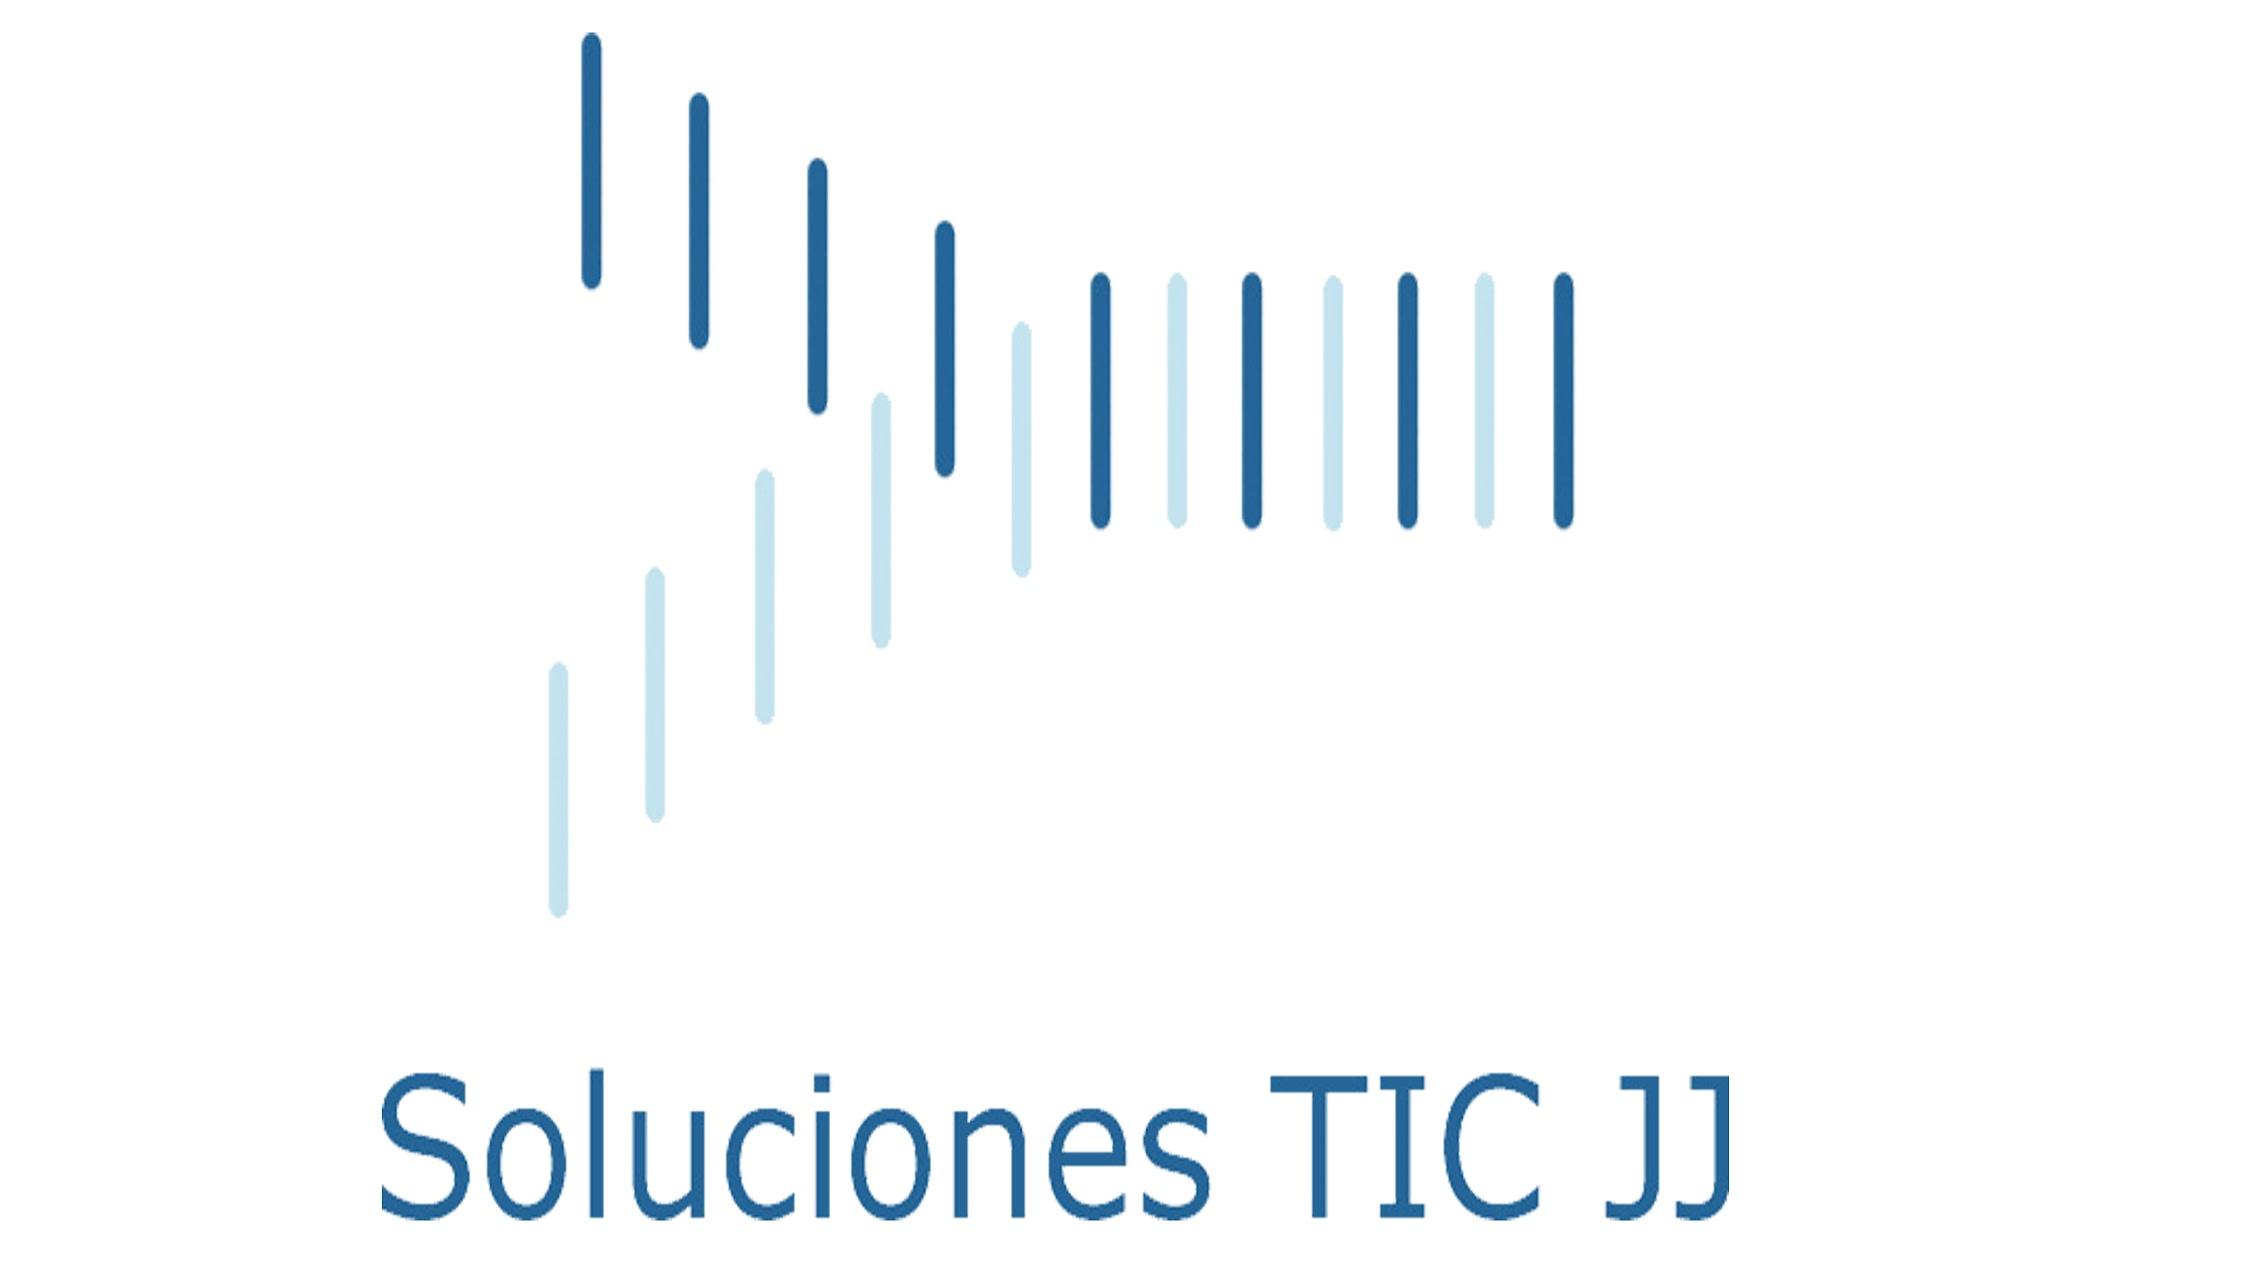 SolucionesJJ.cl